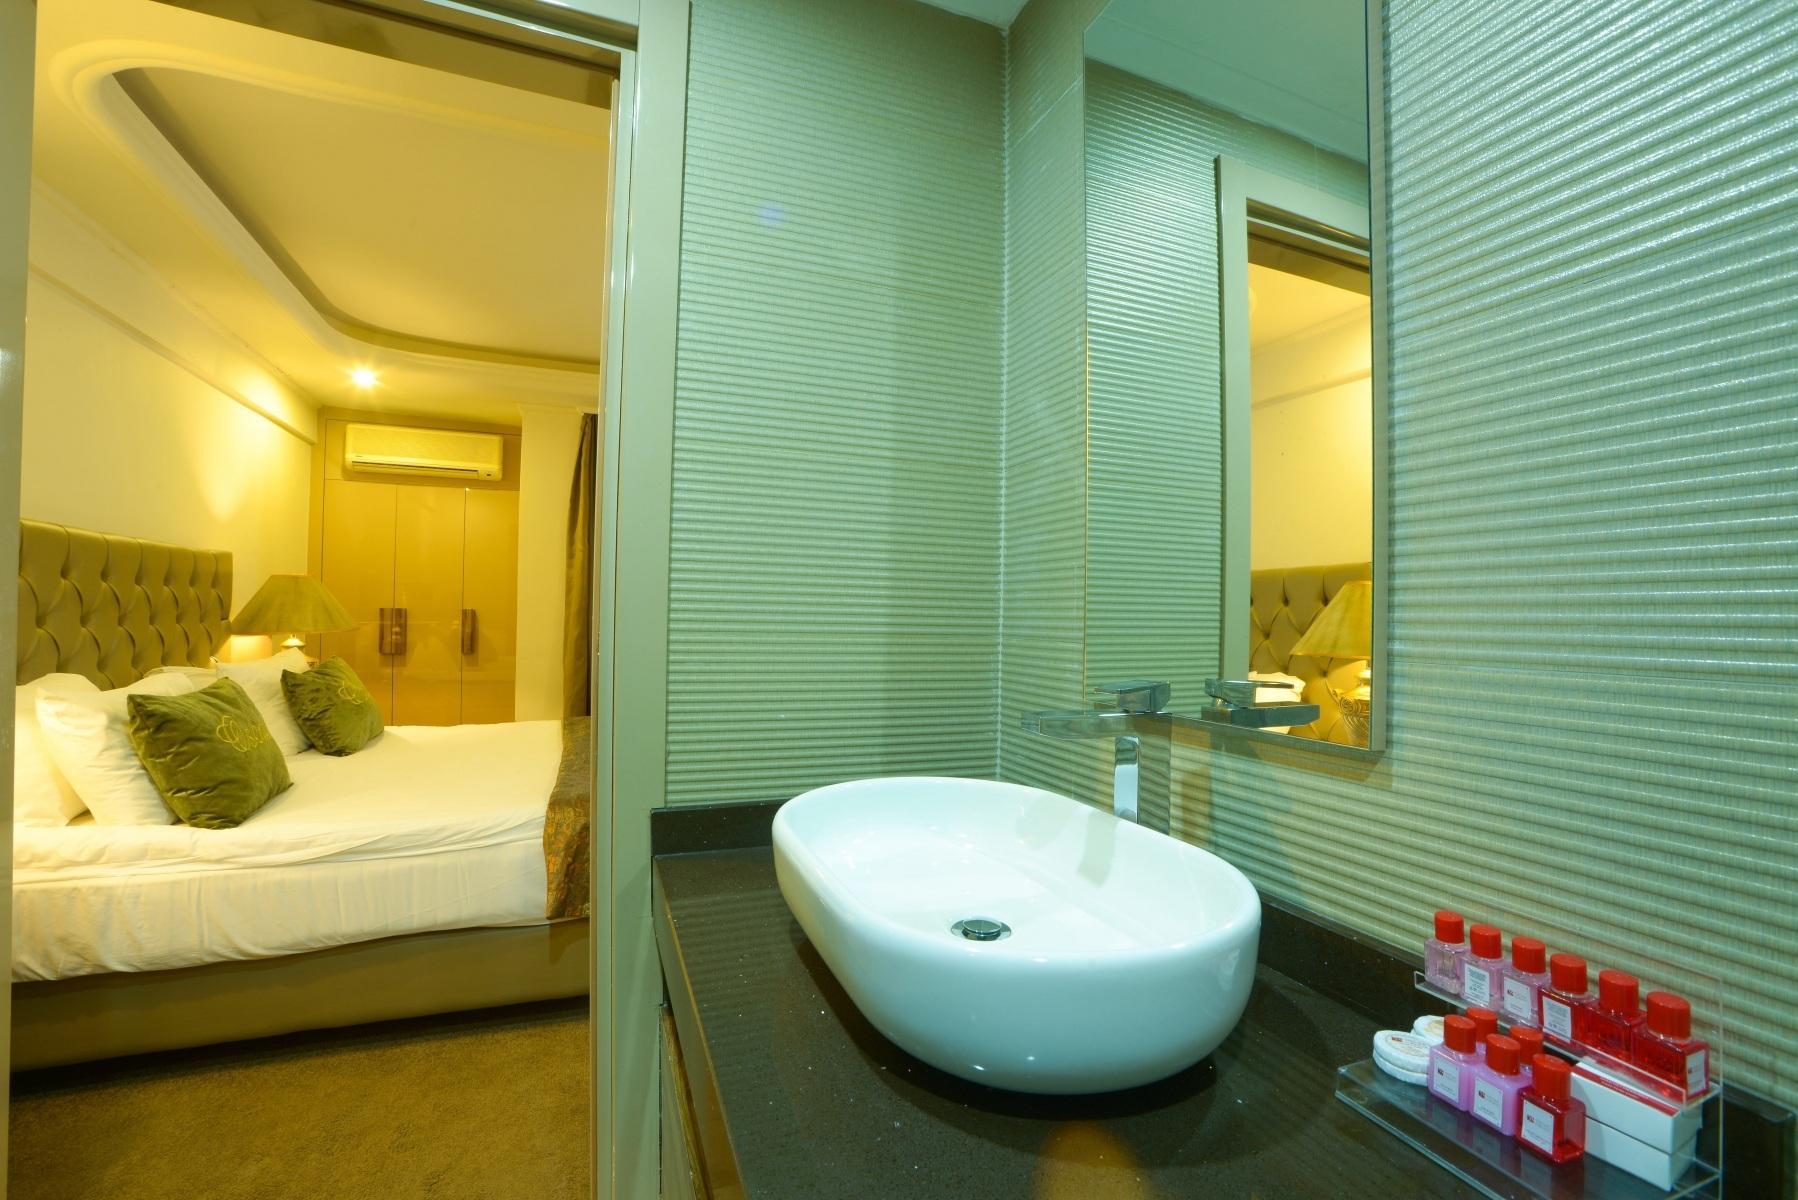 HOTEL-SUITE-8